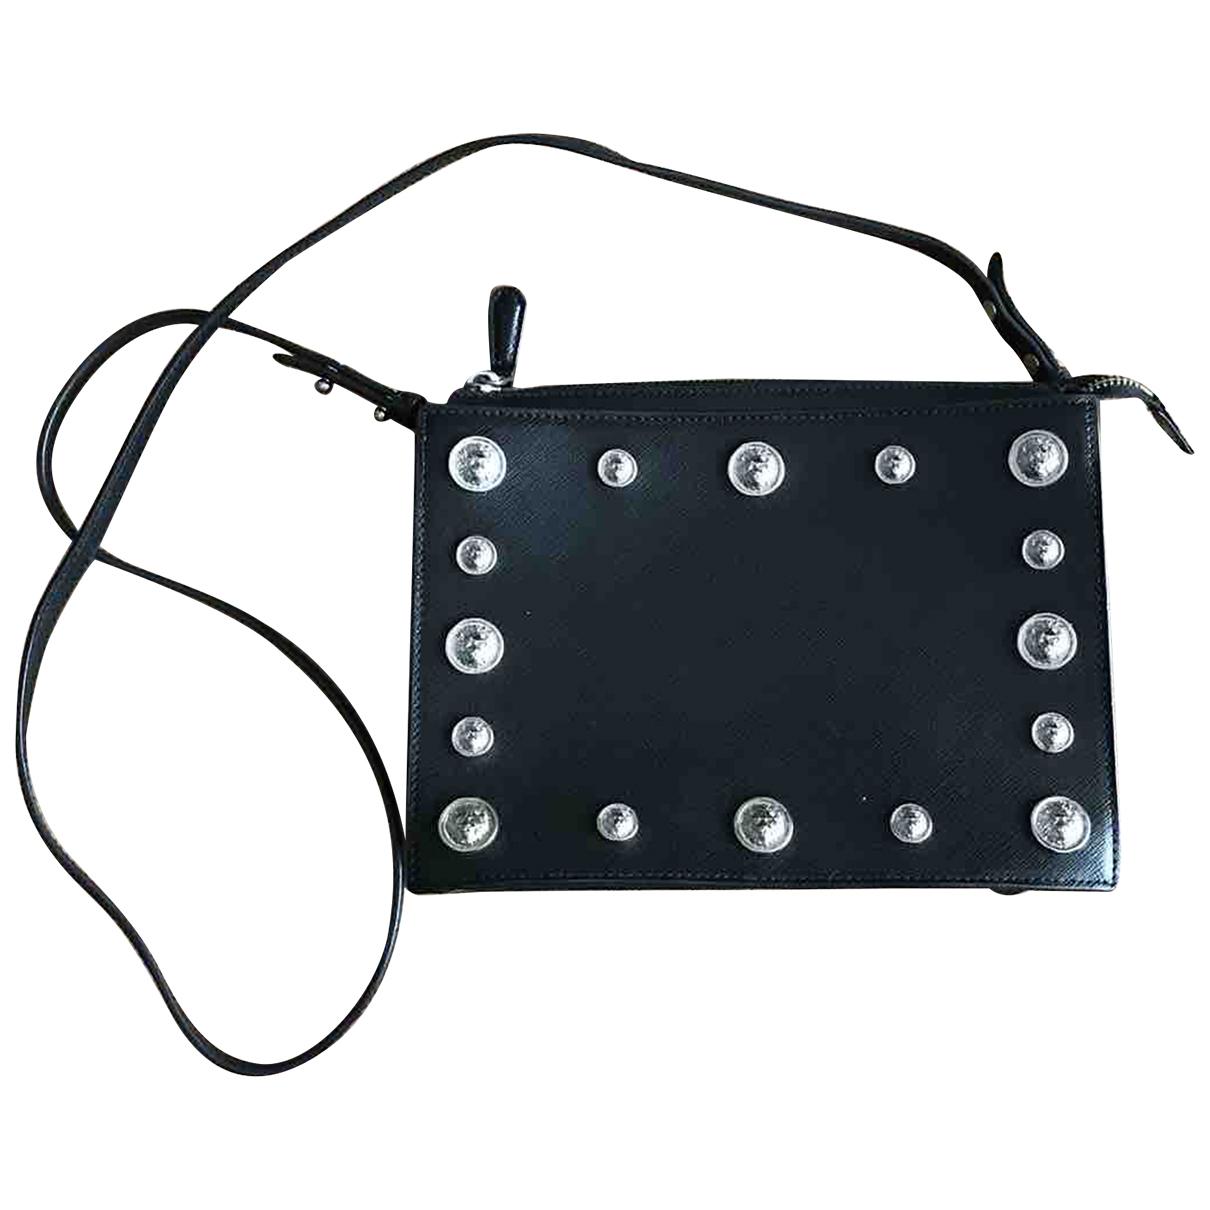 Versus N Black Leather handbag for Women N